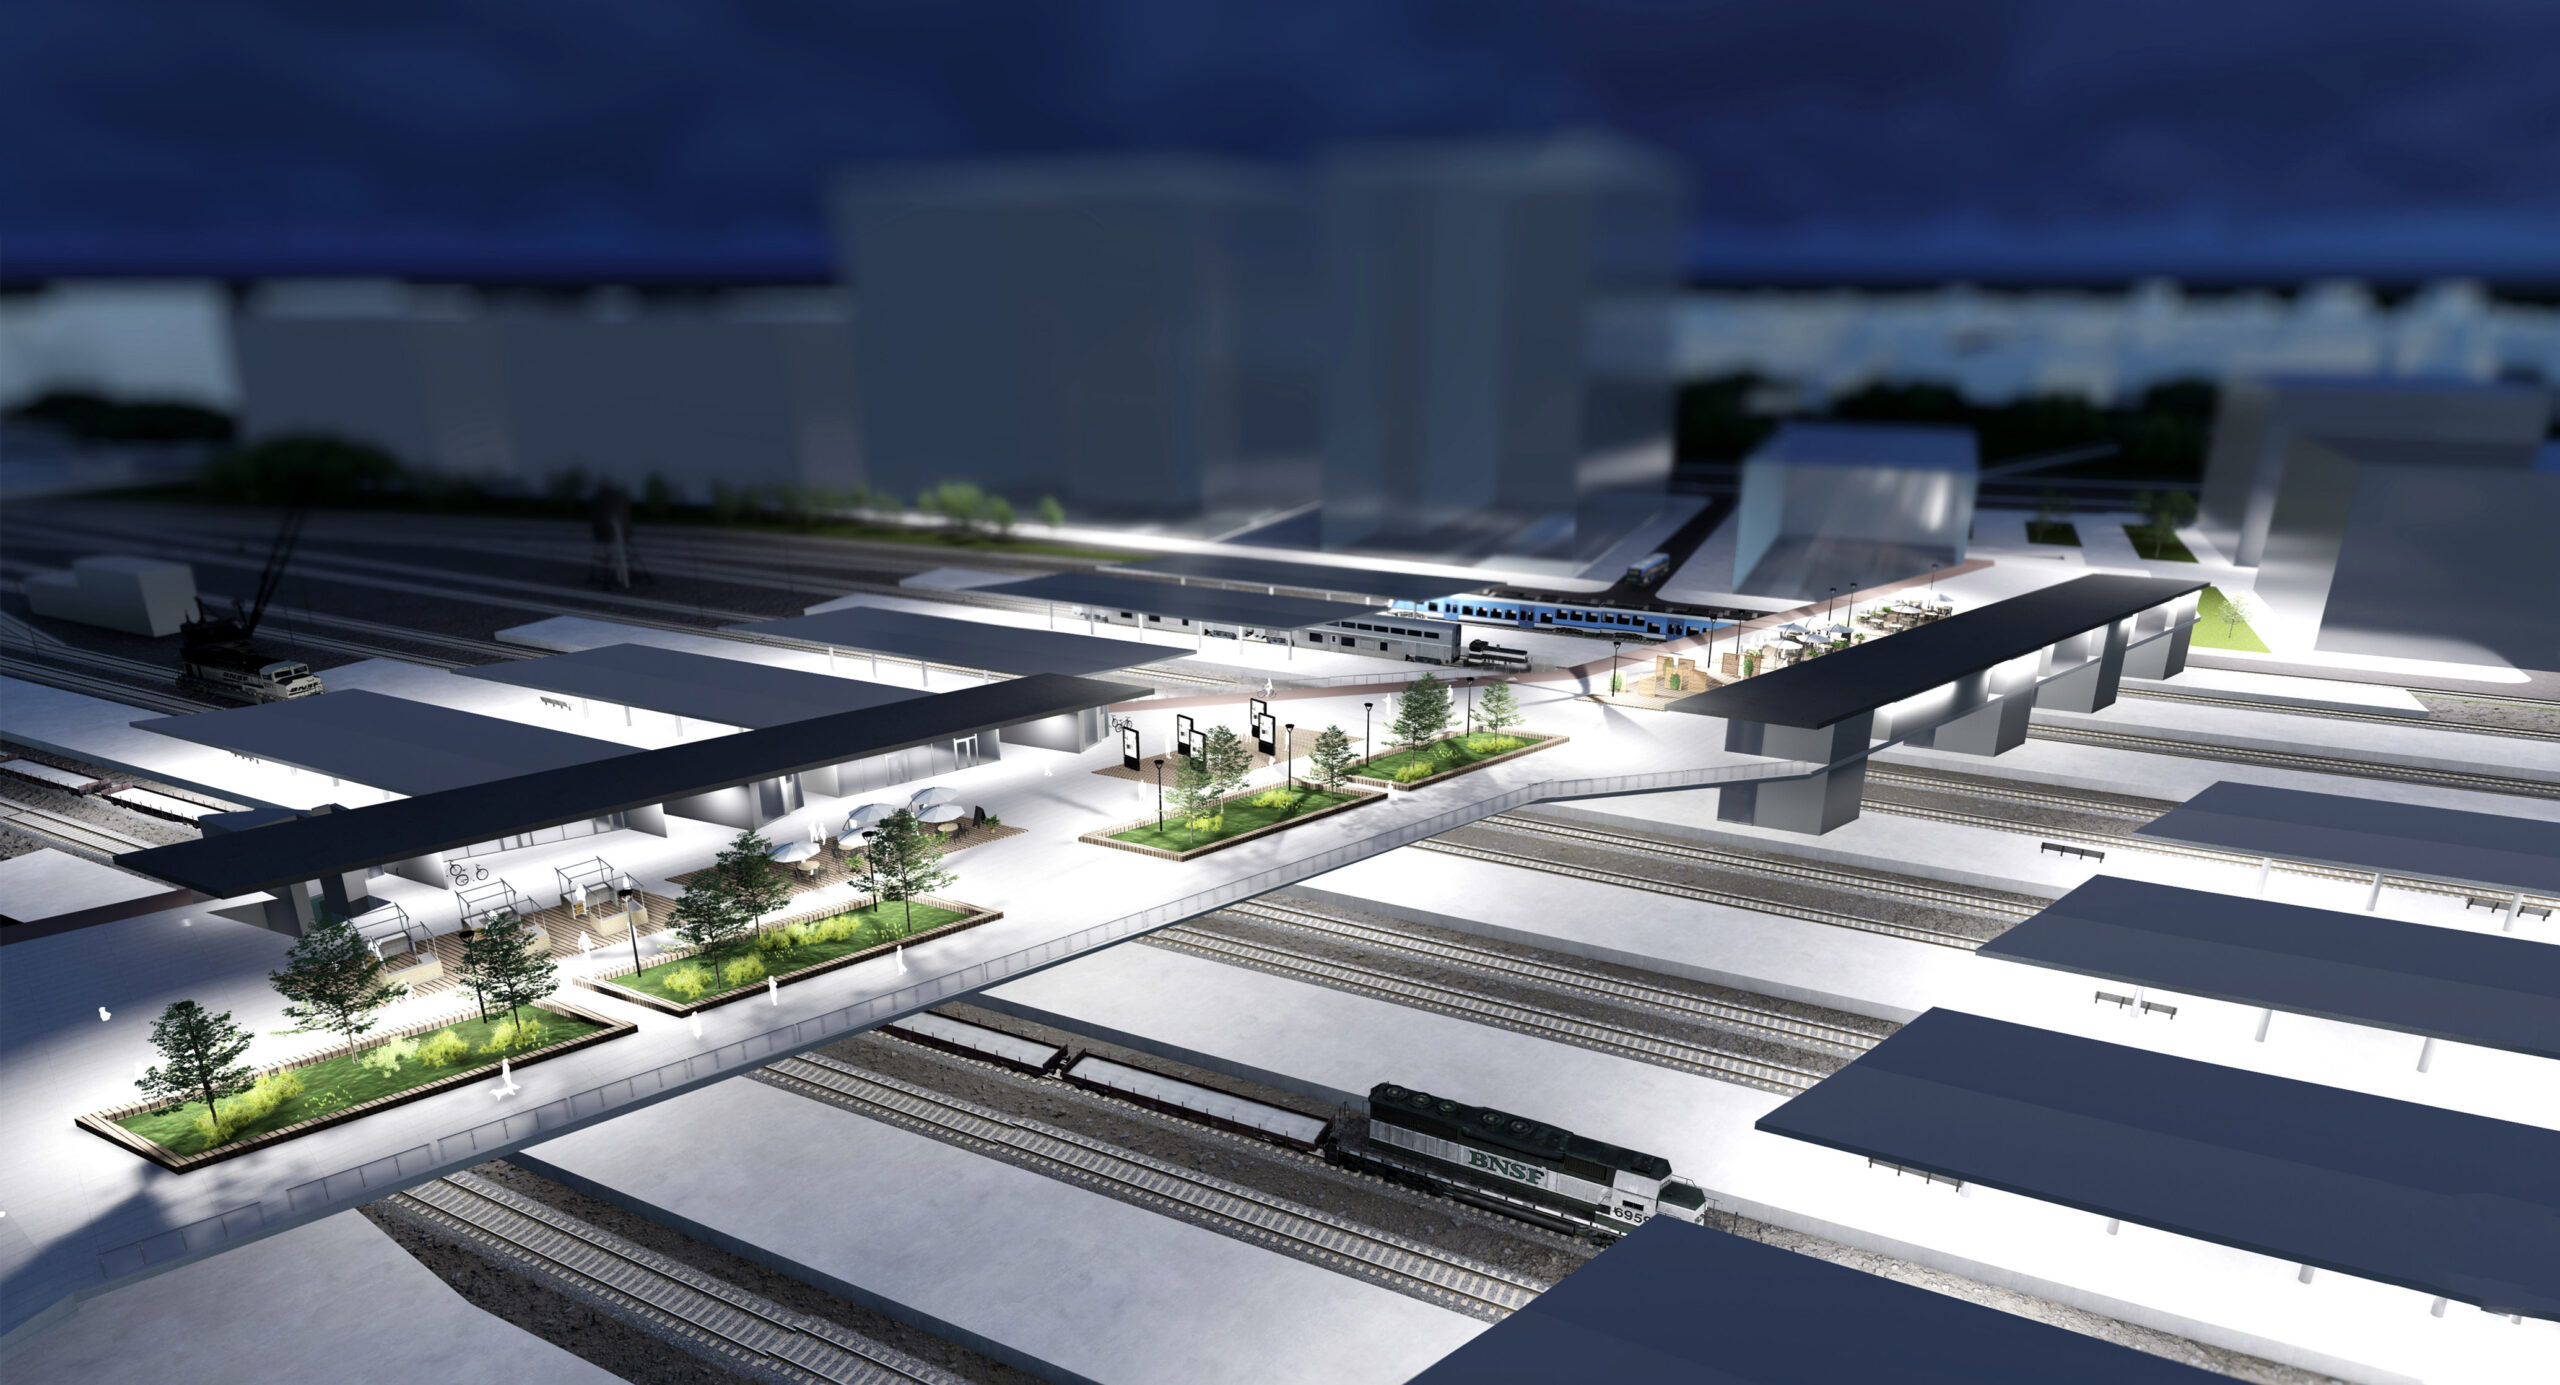 Projekt kładki integrującej tereny wokół Dworca Zachodniego